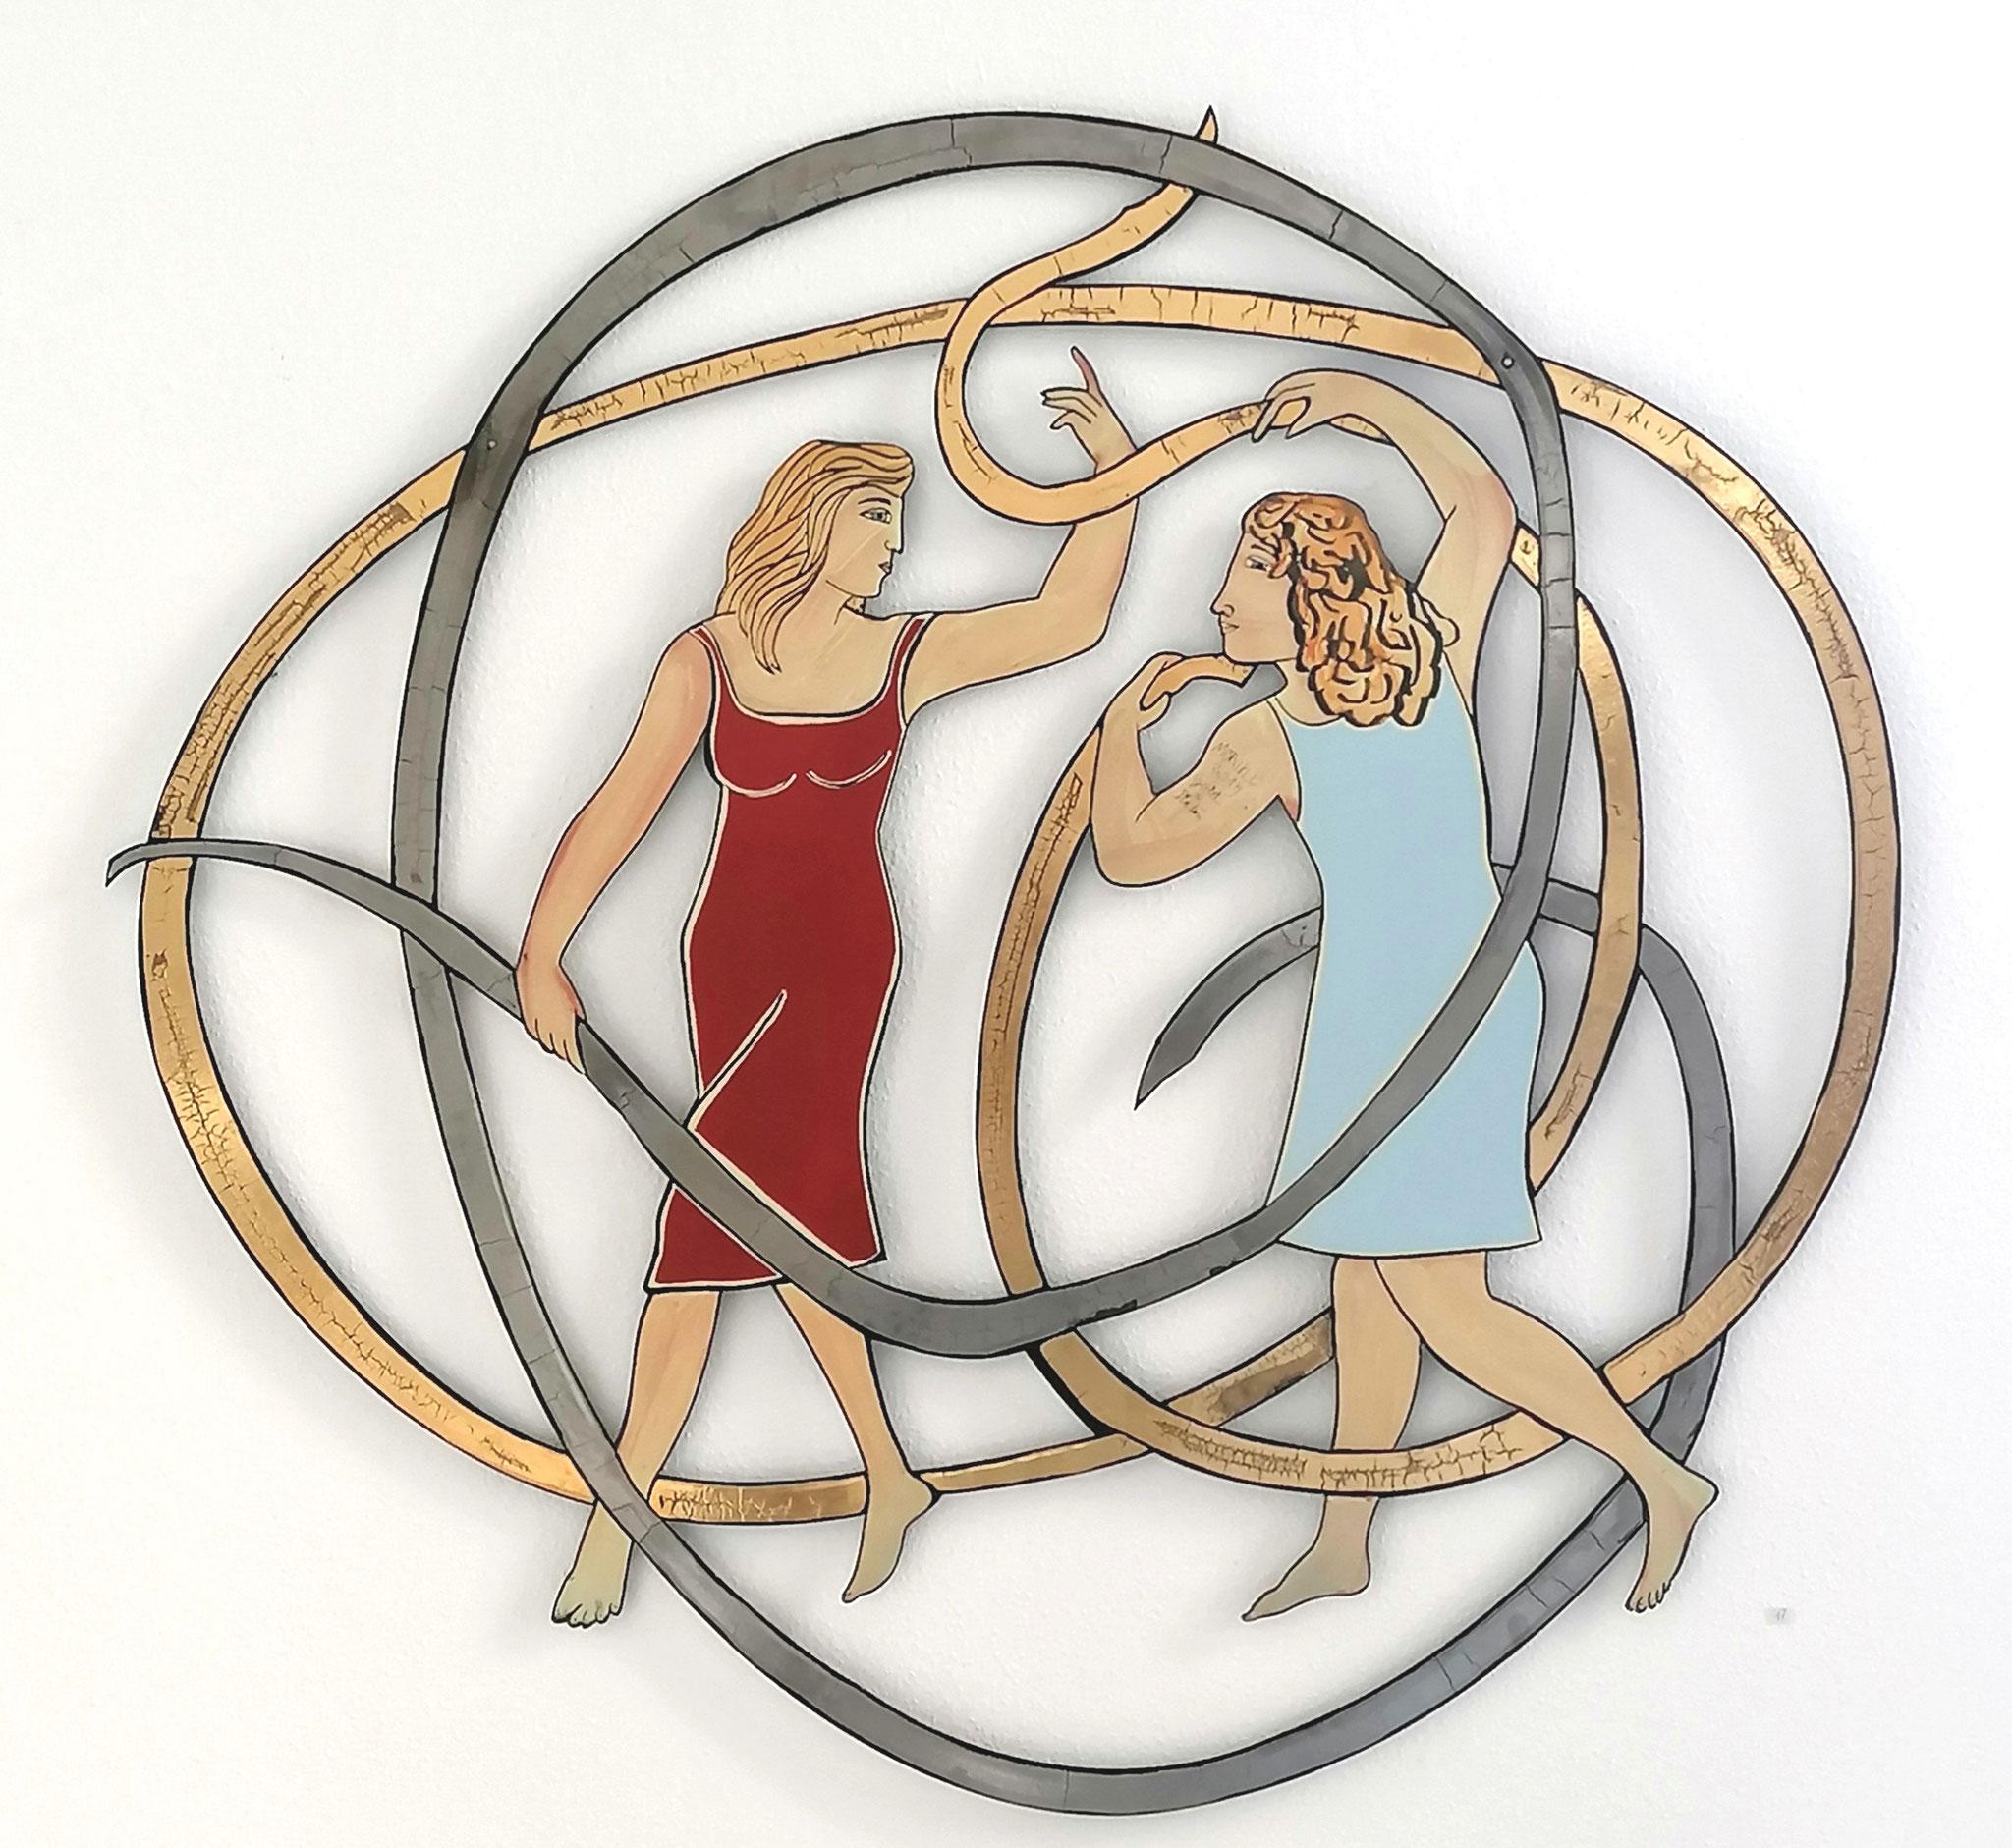 Moritz Götze, Zwei Mädchen mit Band - Gold & Platin, 2020, Emaillemalerei, 100x100cm